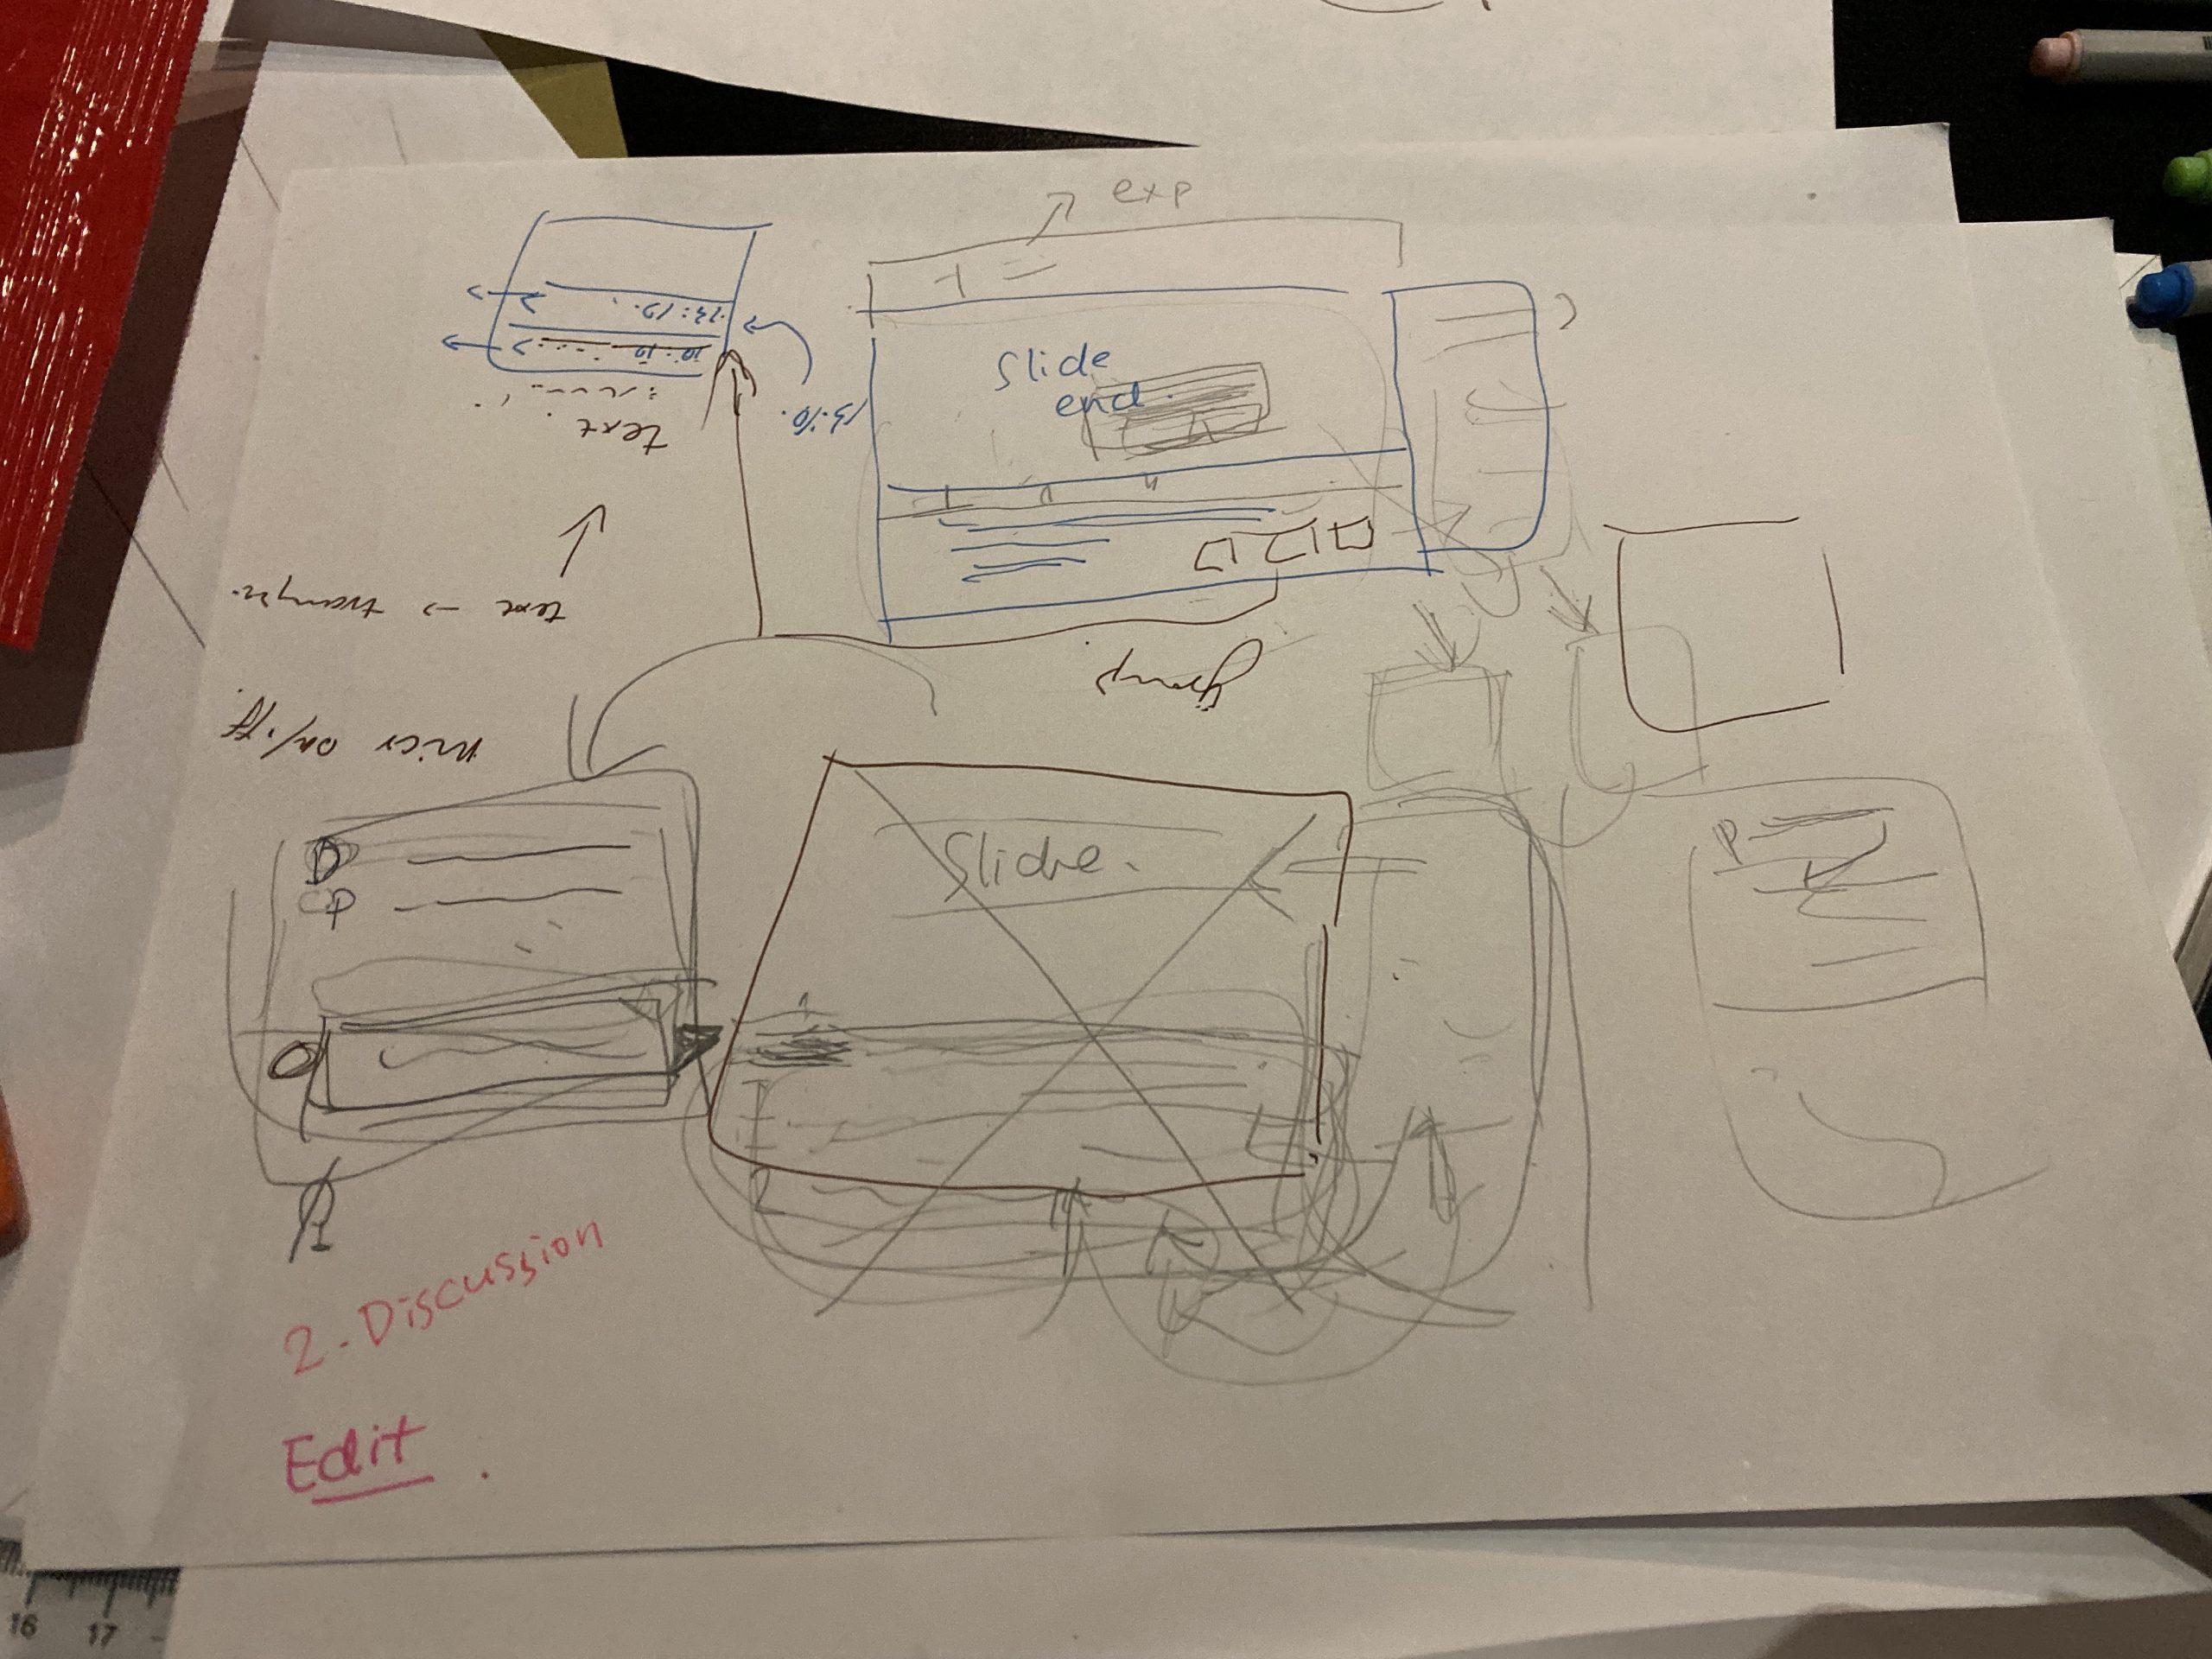 lo-fi sketch 2